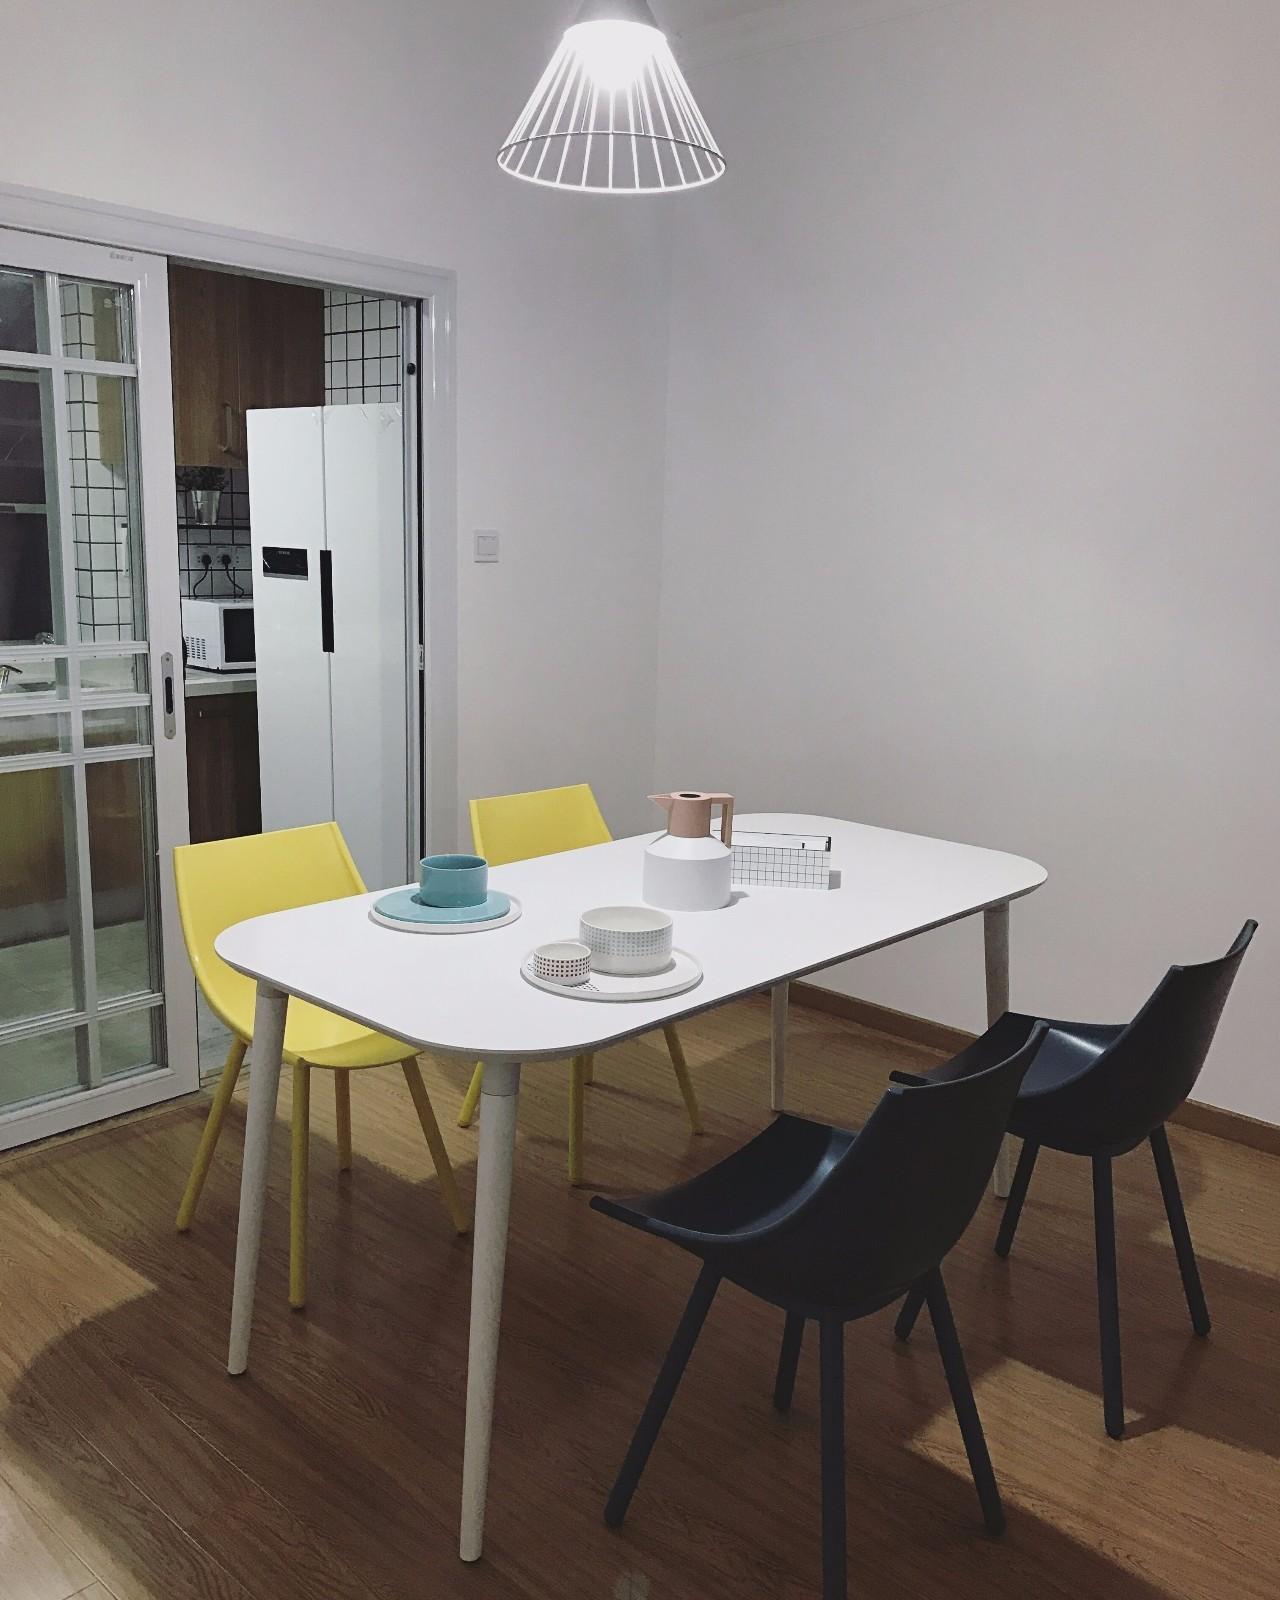 陳茜Zi对画板餐桌®-长桌 1.6米发布的晒单效果图及评价